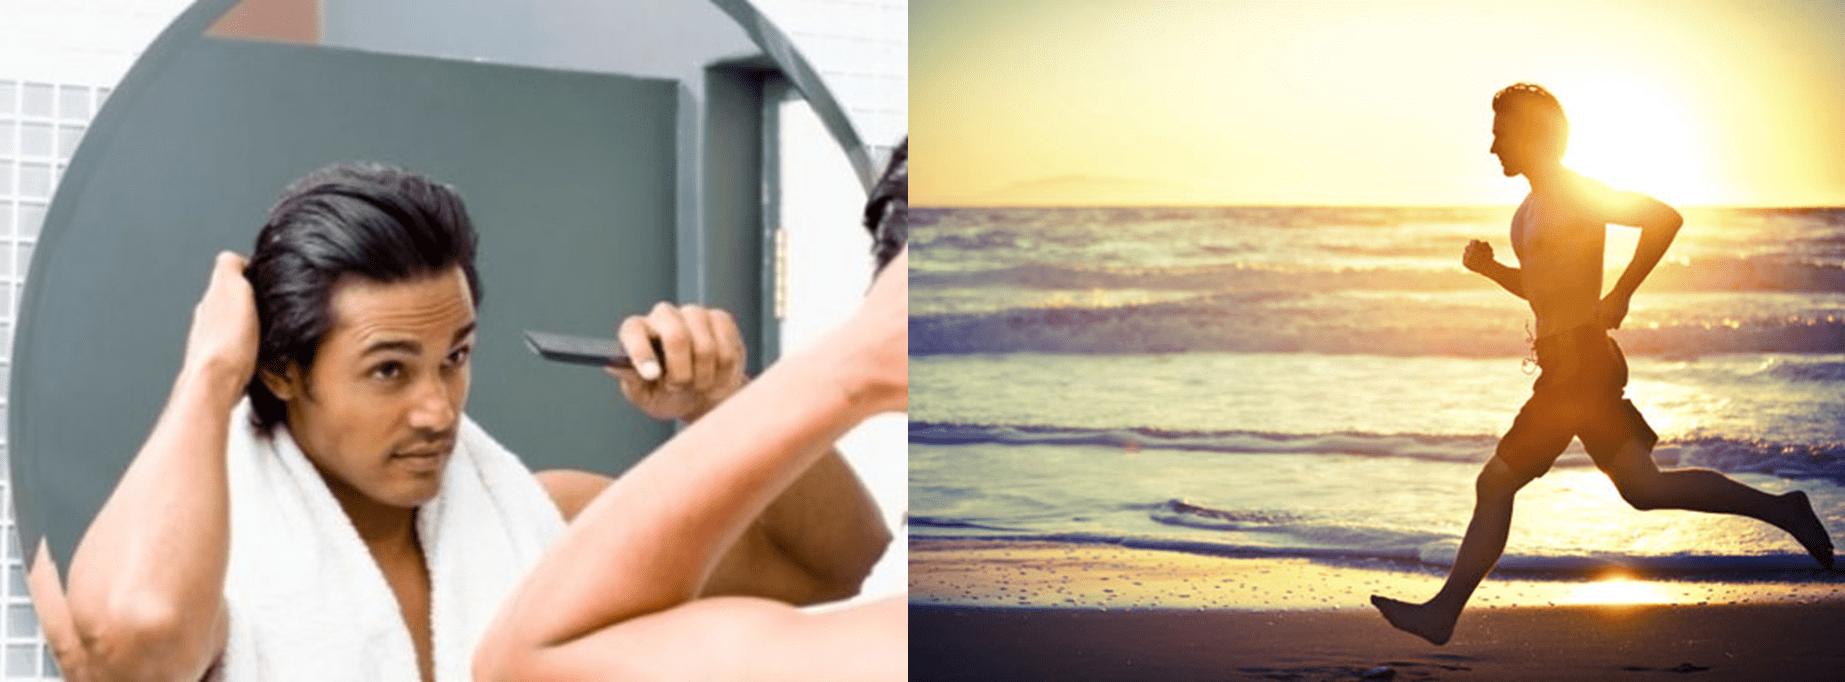 Cuidad personal y belleza - Marcas de cuidado personal y belleza deben apuntar hacia consumidores jóvenes con actitud positiva hacia el deporte